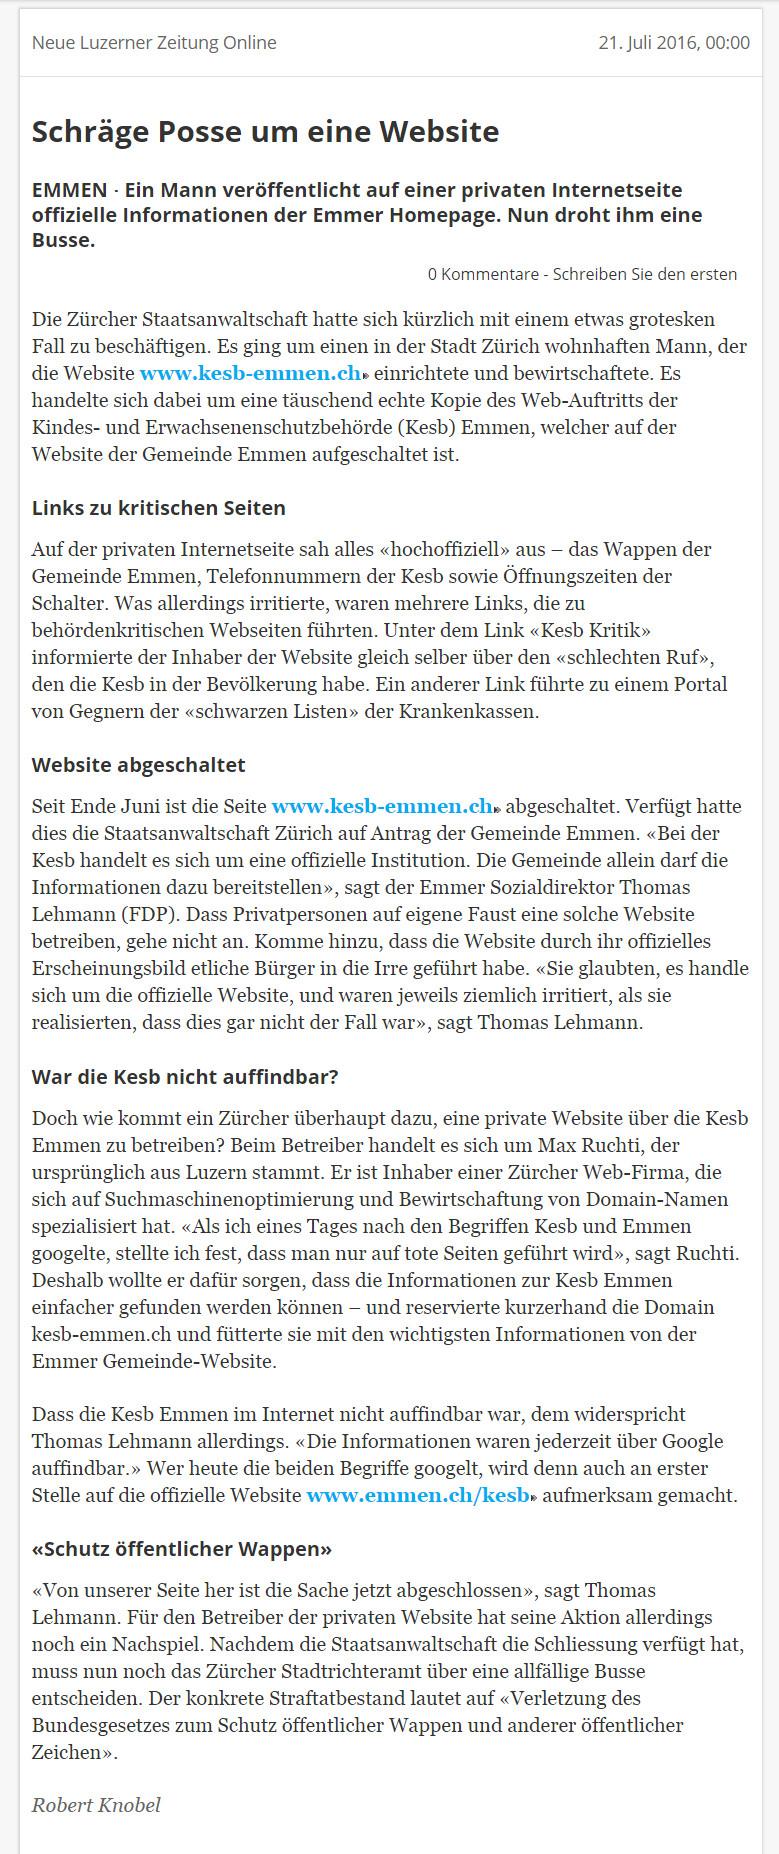 kesb_emmen_schraege_Posse_um_eine_webseite